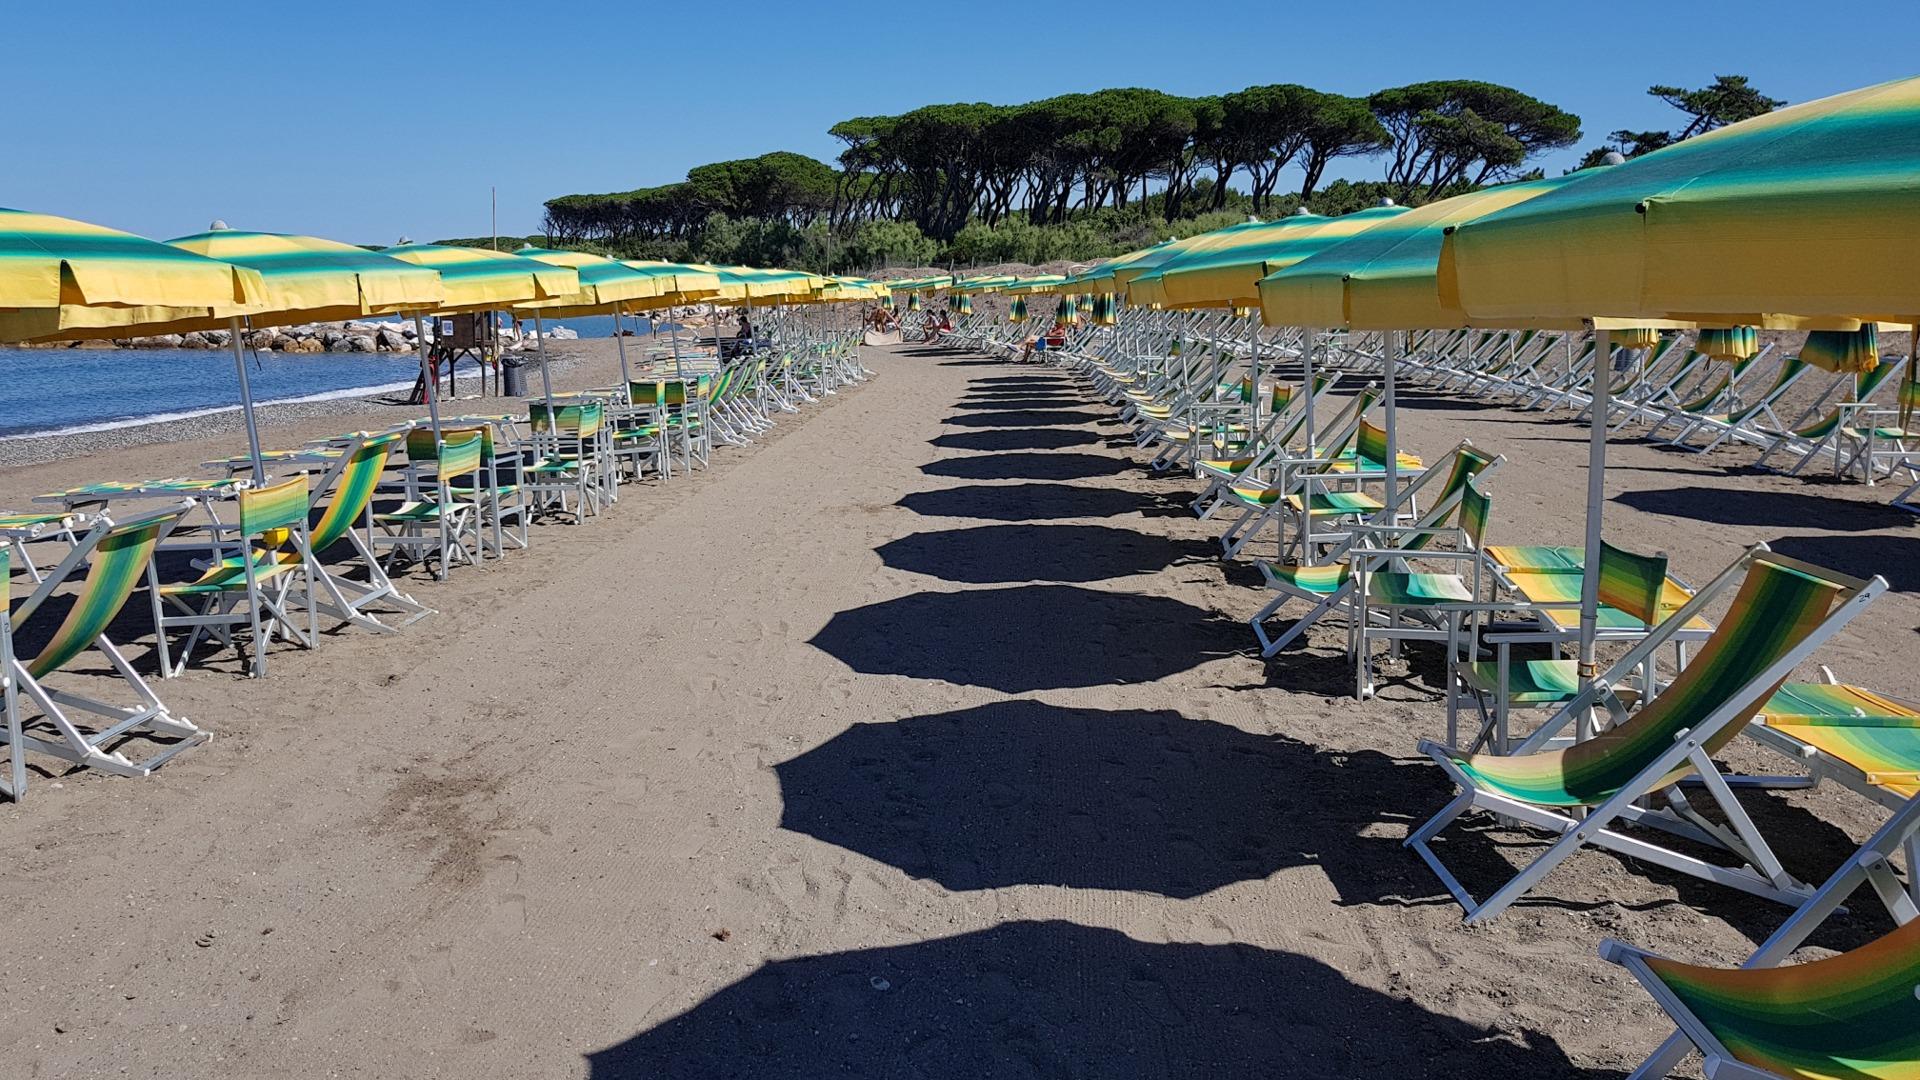 Spiaggia riservata camping bocca di cecina - Bagno tirreno castiglioncello ...